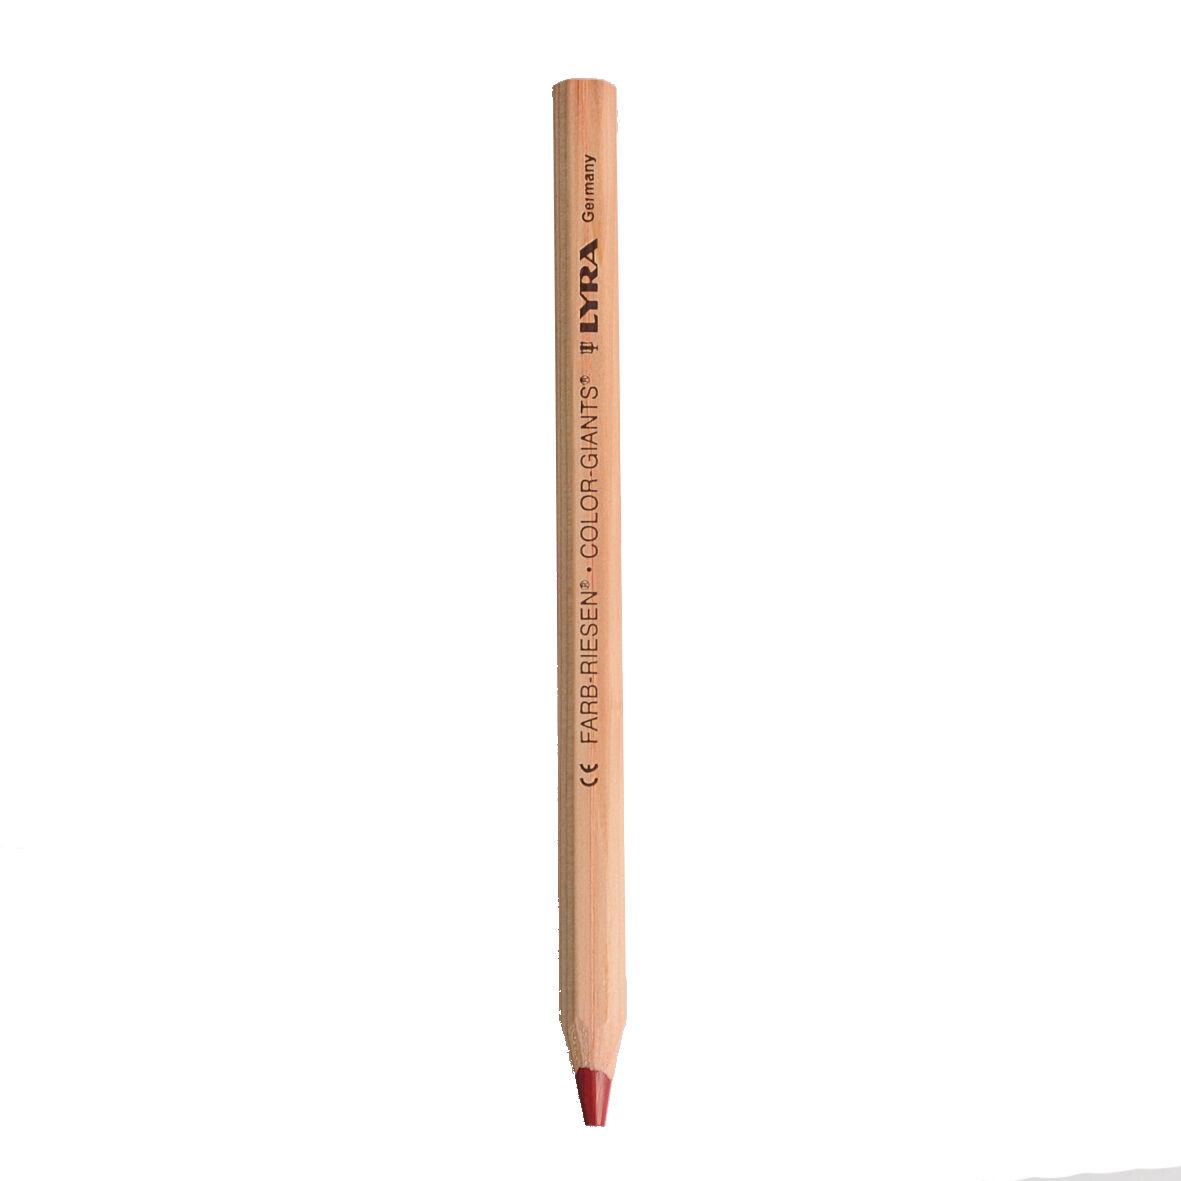 dille&kamille crayon de couleur, rouge bordeaux